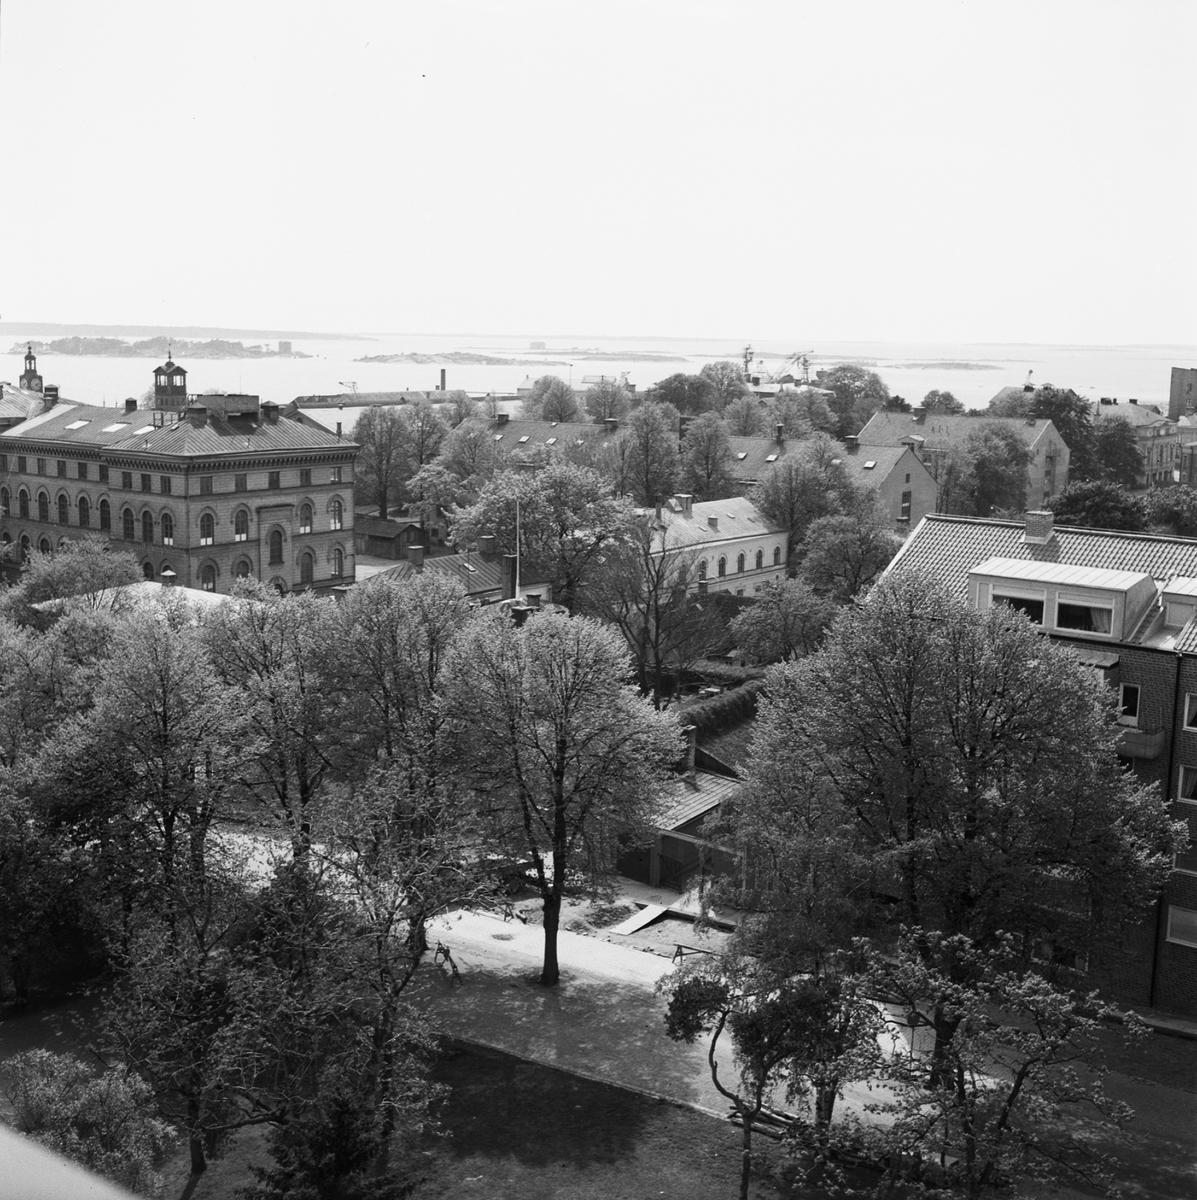 Övrigt: Fotodatum:4/9 1958 Byggnader och Kranar. Närmast identisk bild: V16120, ej skannad. Vyer från klockstapeln